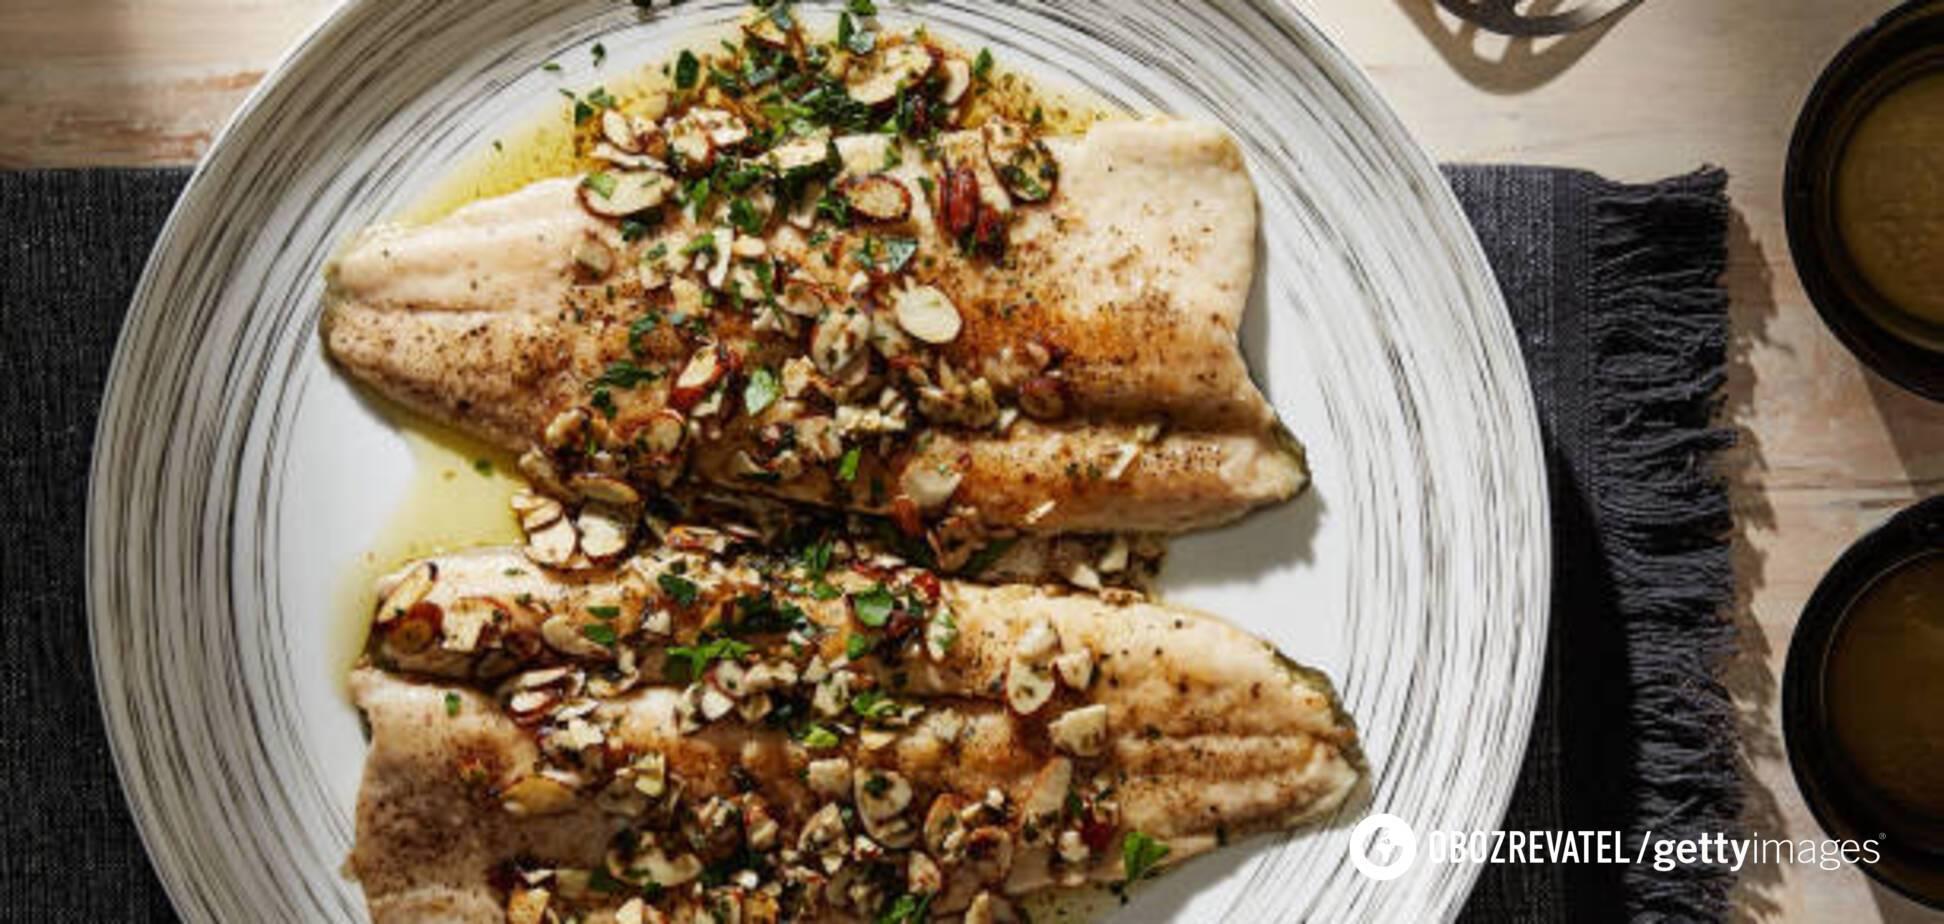 Маевка без нарушения карантина: рыба в фольге, мини-шашлык и кесадилья